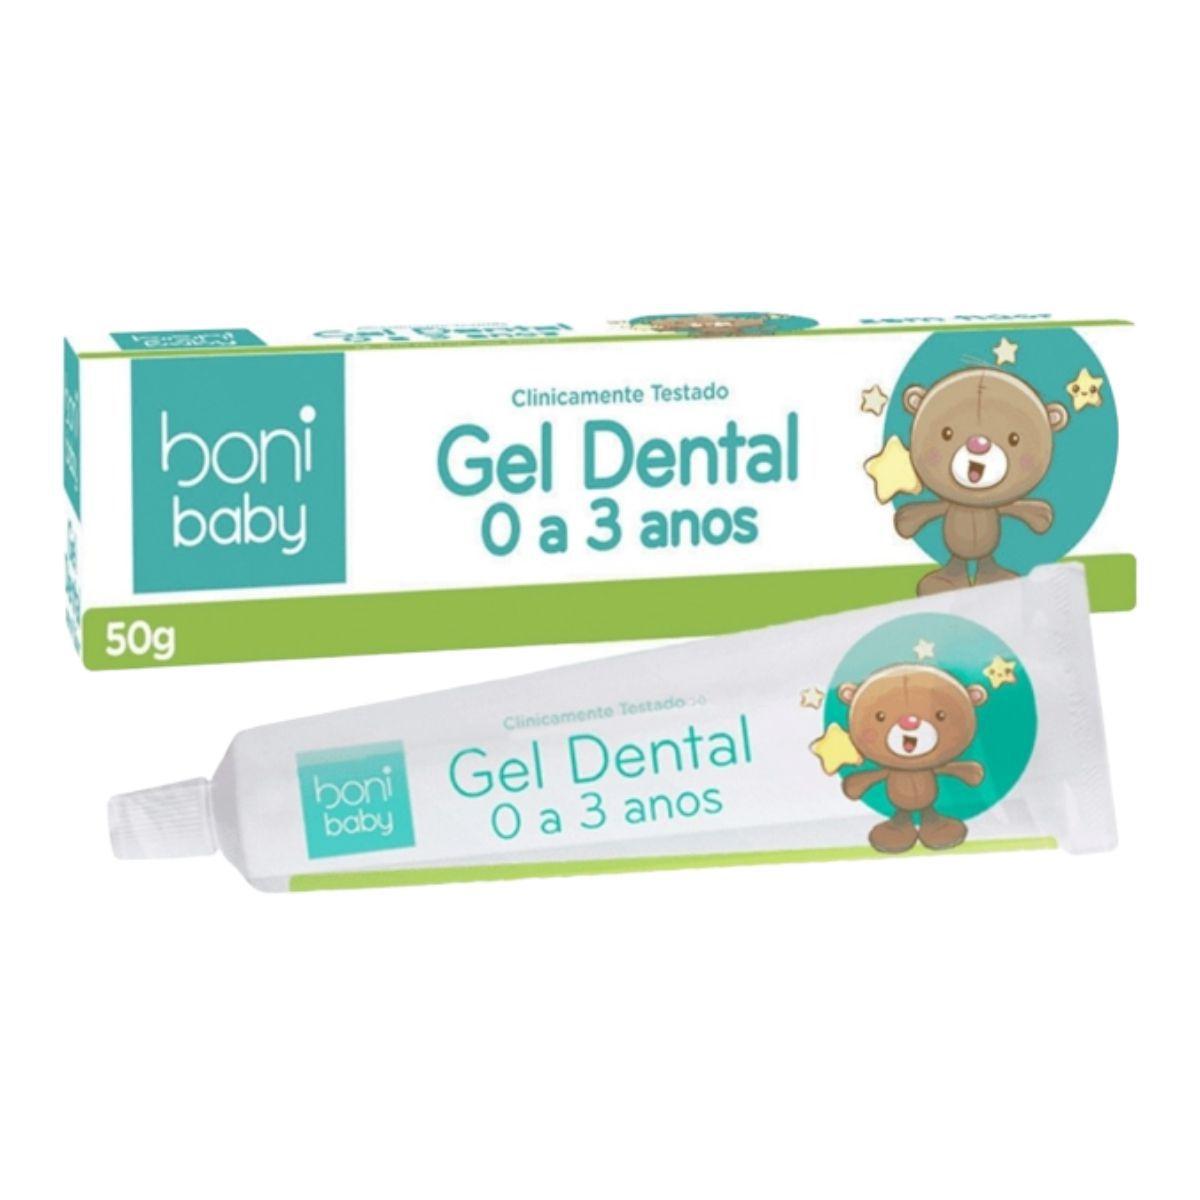 Kit Gel Dental Sem Flúor - Boni Baby